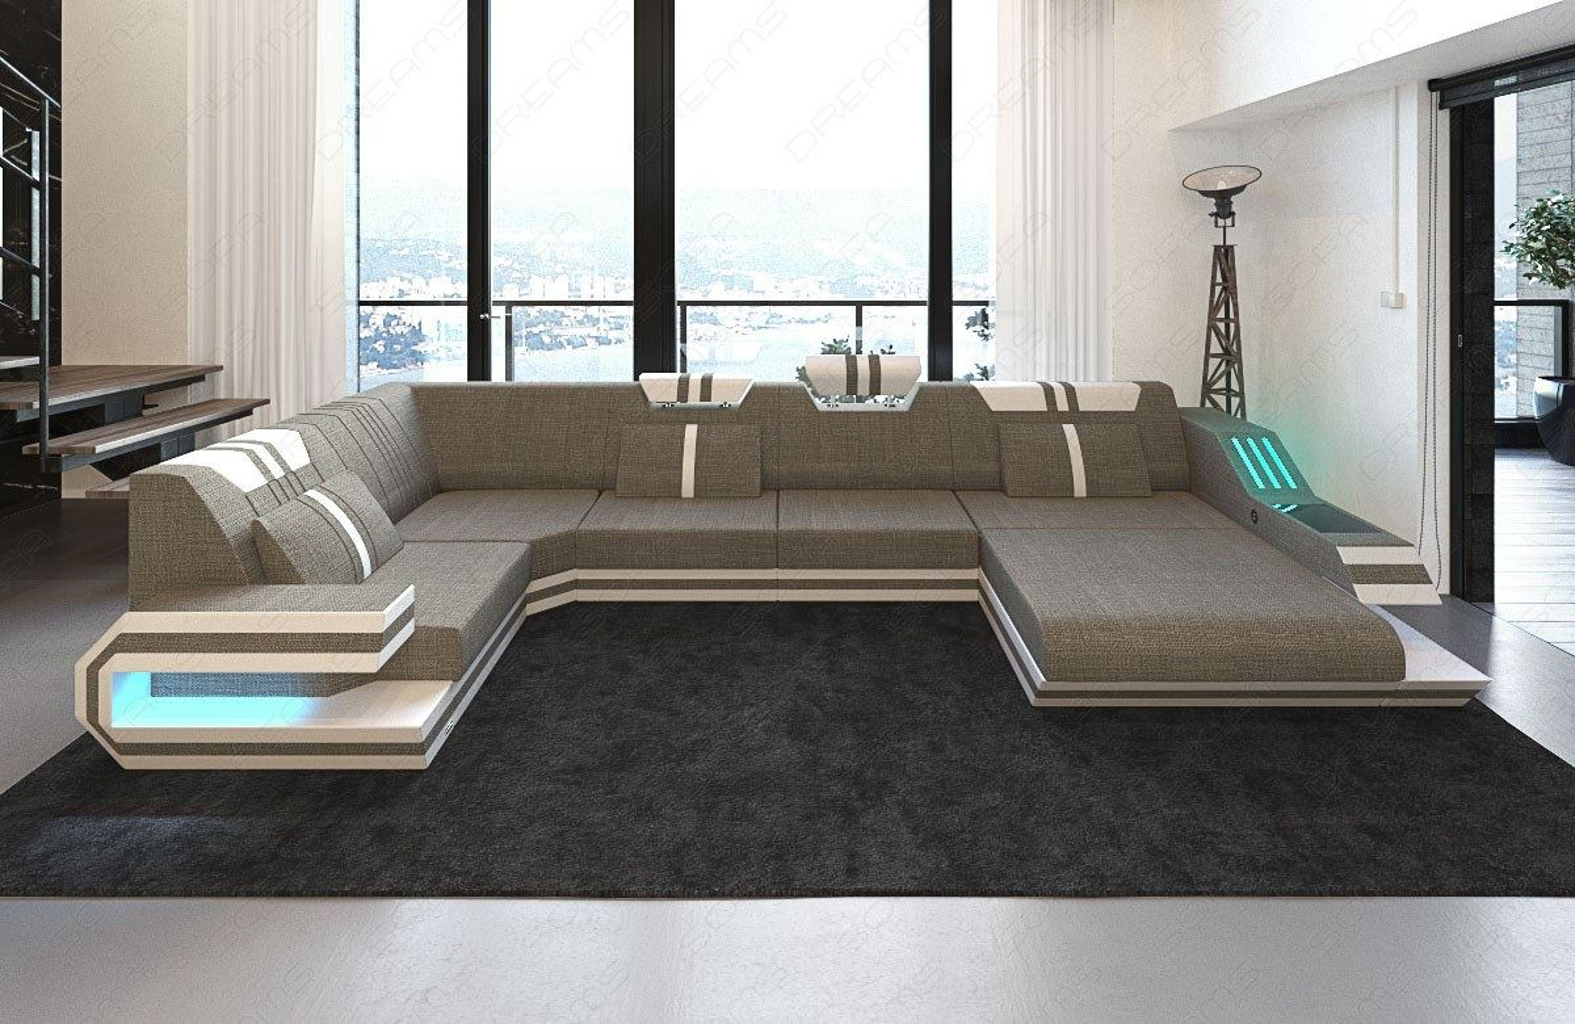 stoff wohnlandschaft ravenna u form mit led materialmix leder stoff polstersofa ebay. Black Bedroom Furniture Sets. Home Design Ideas